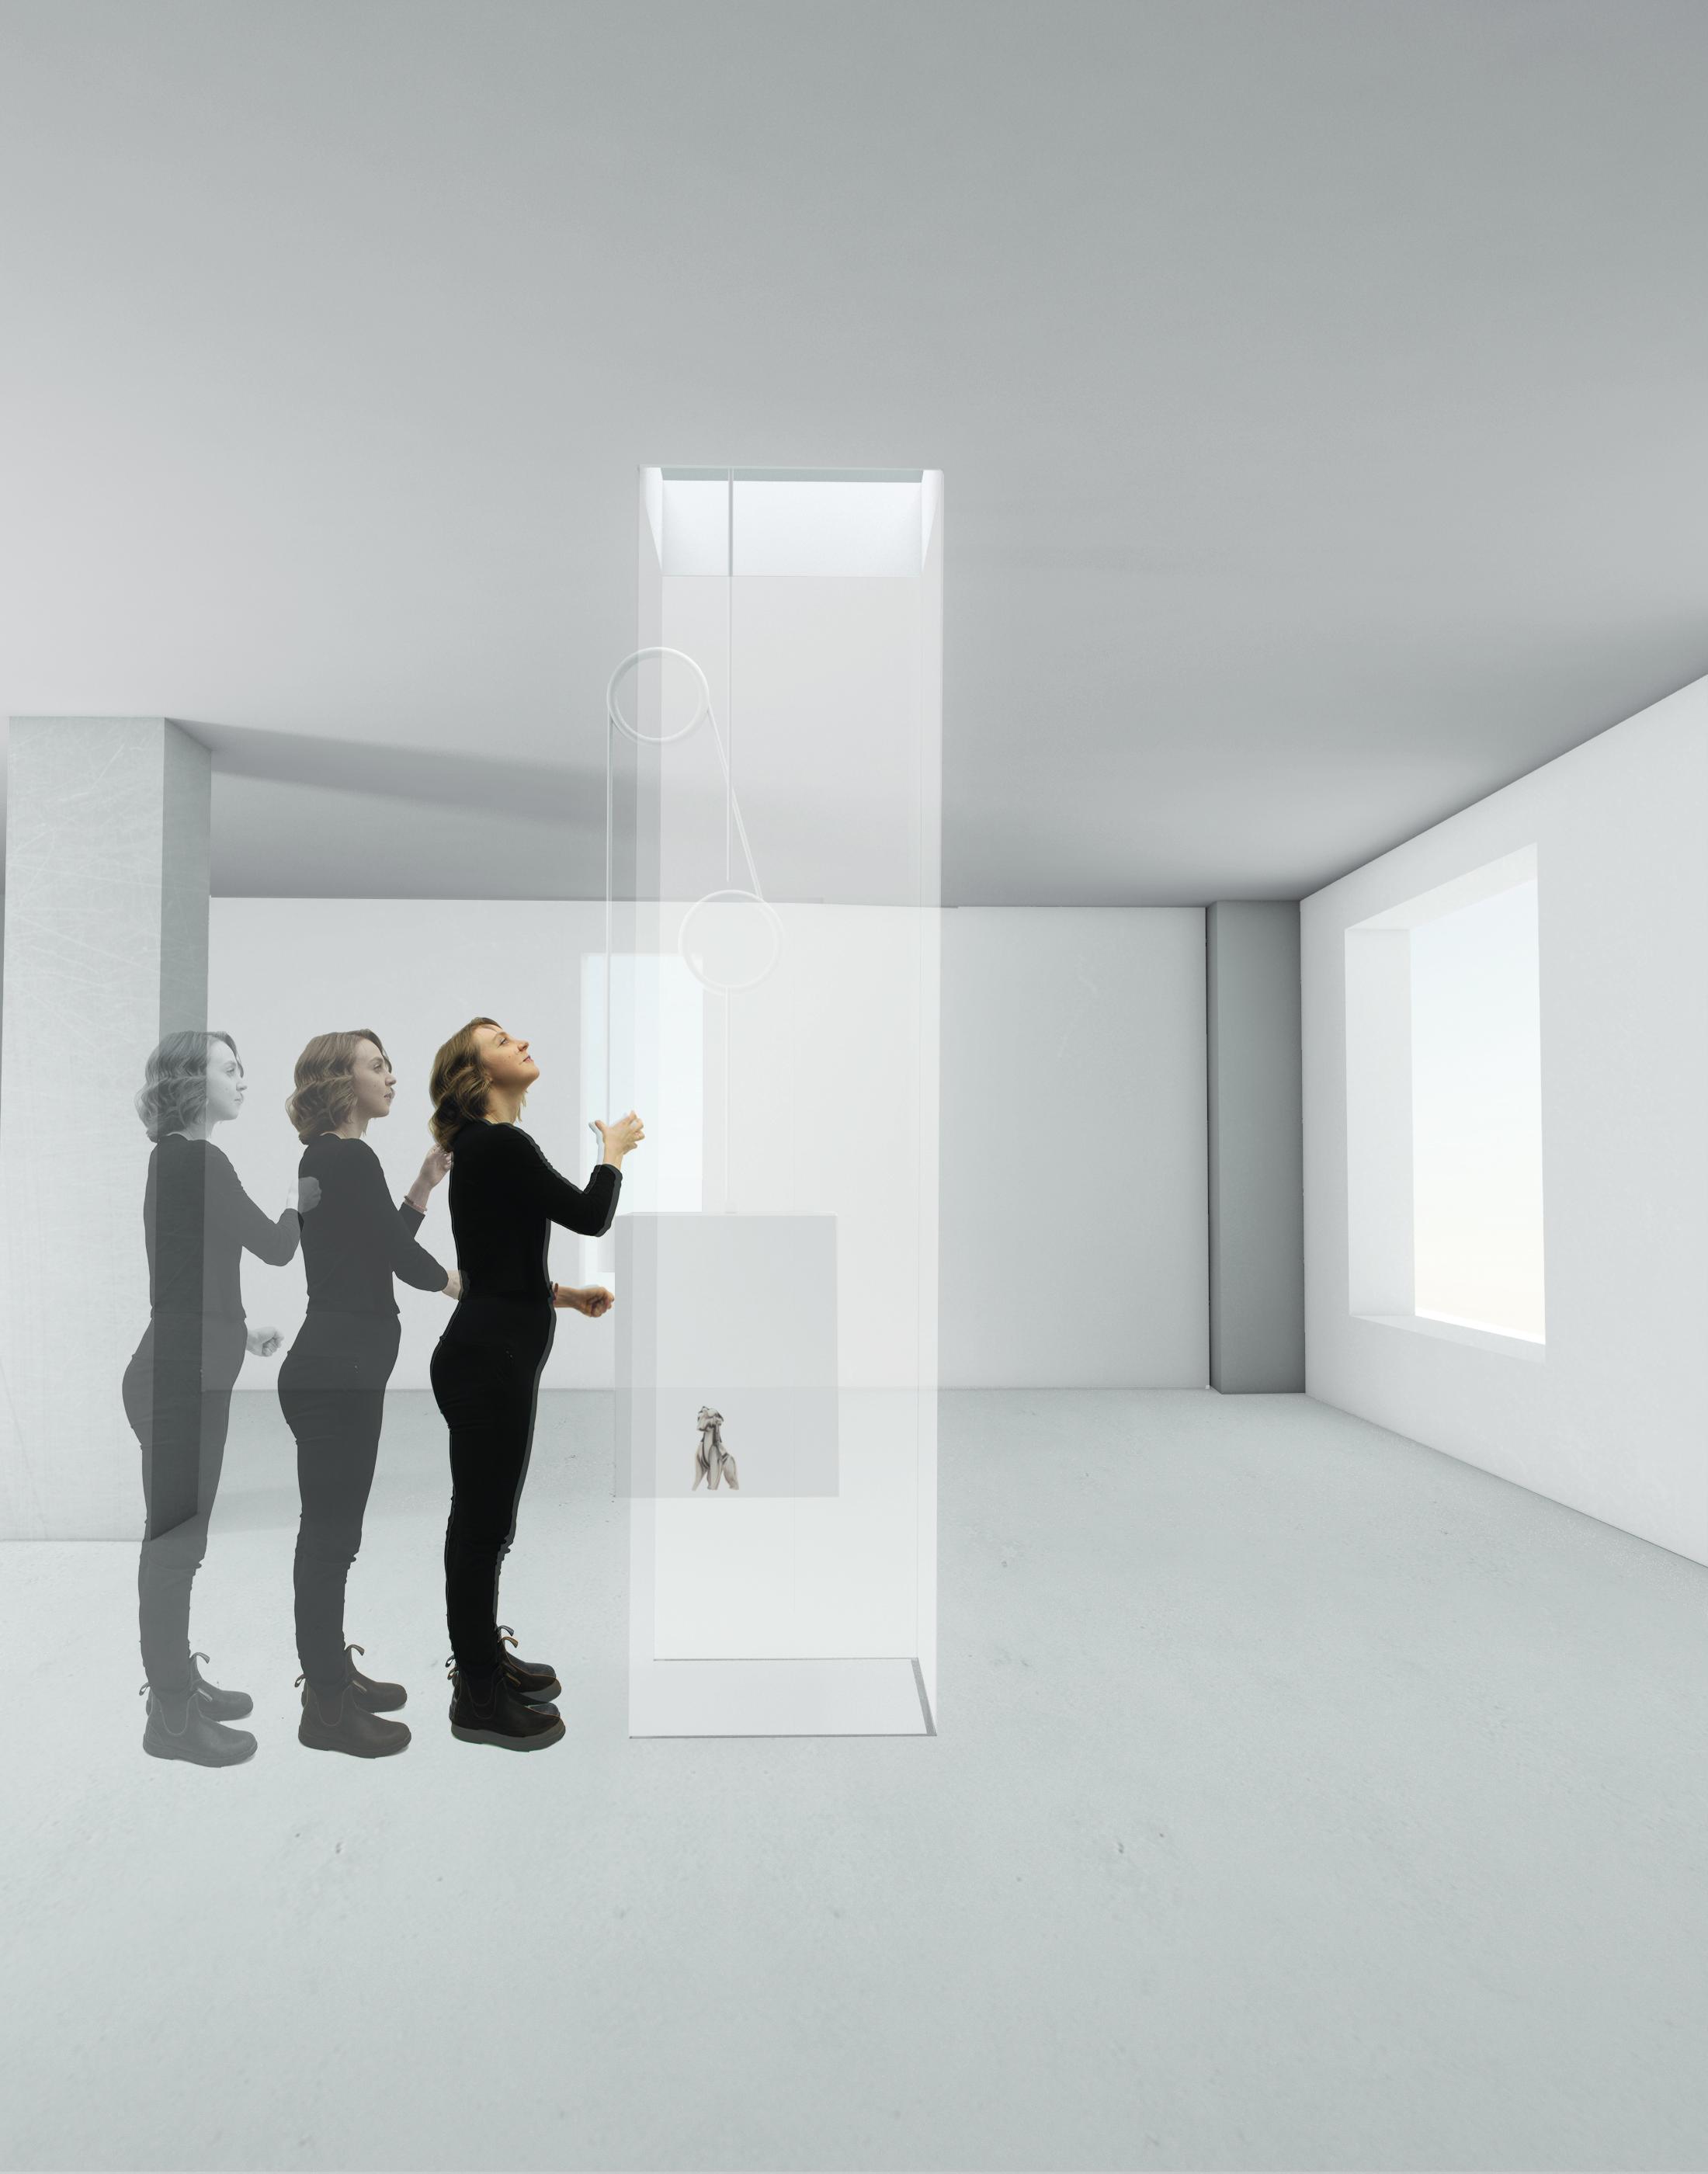 dumwaiter render for print.jpg